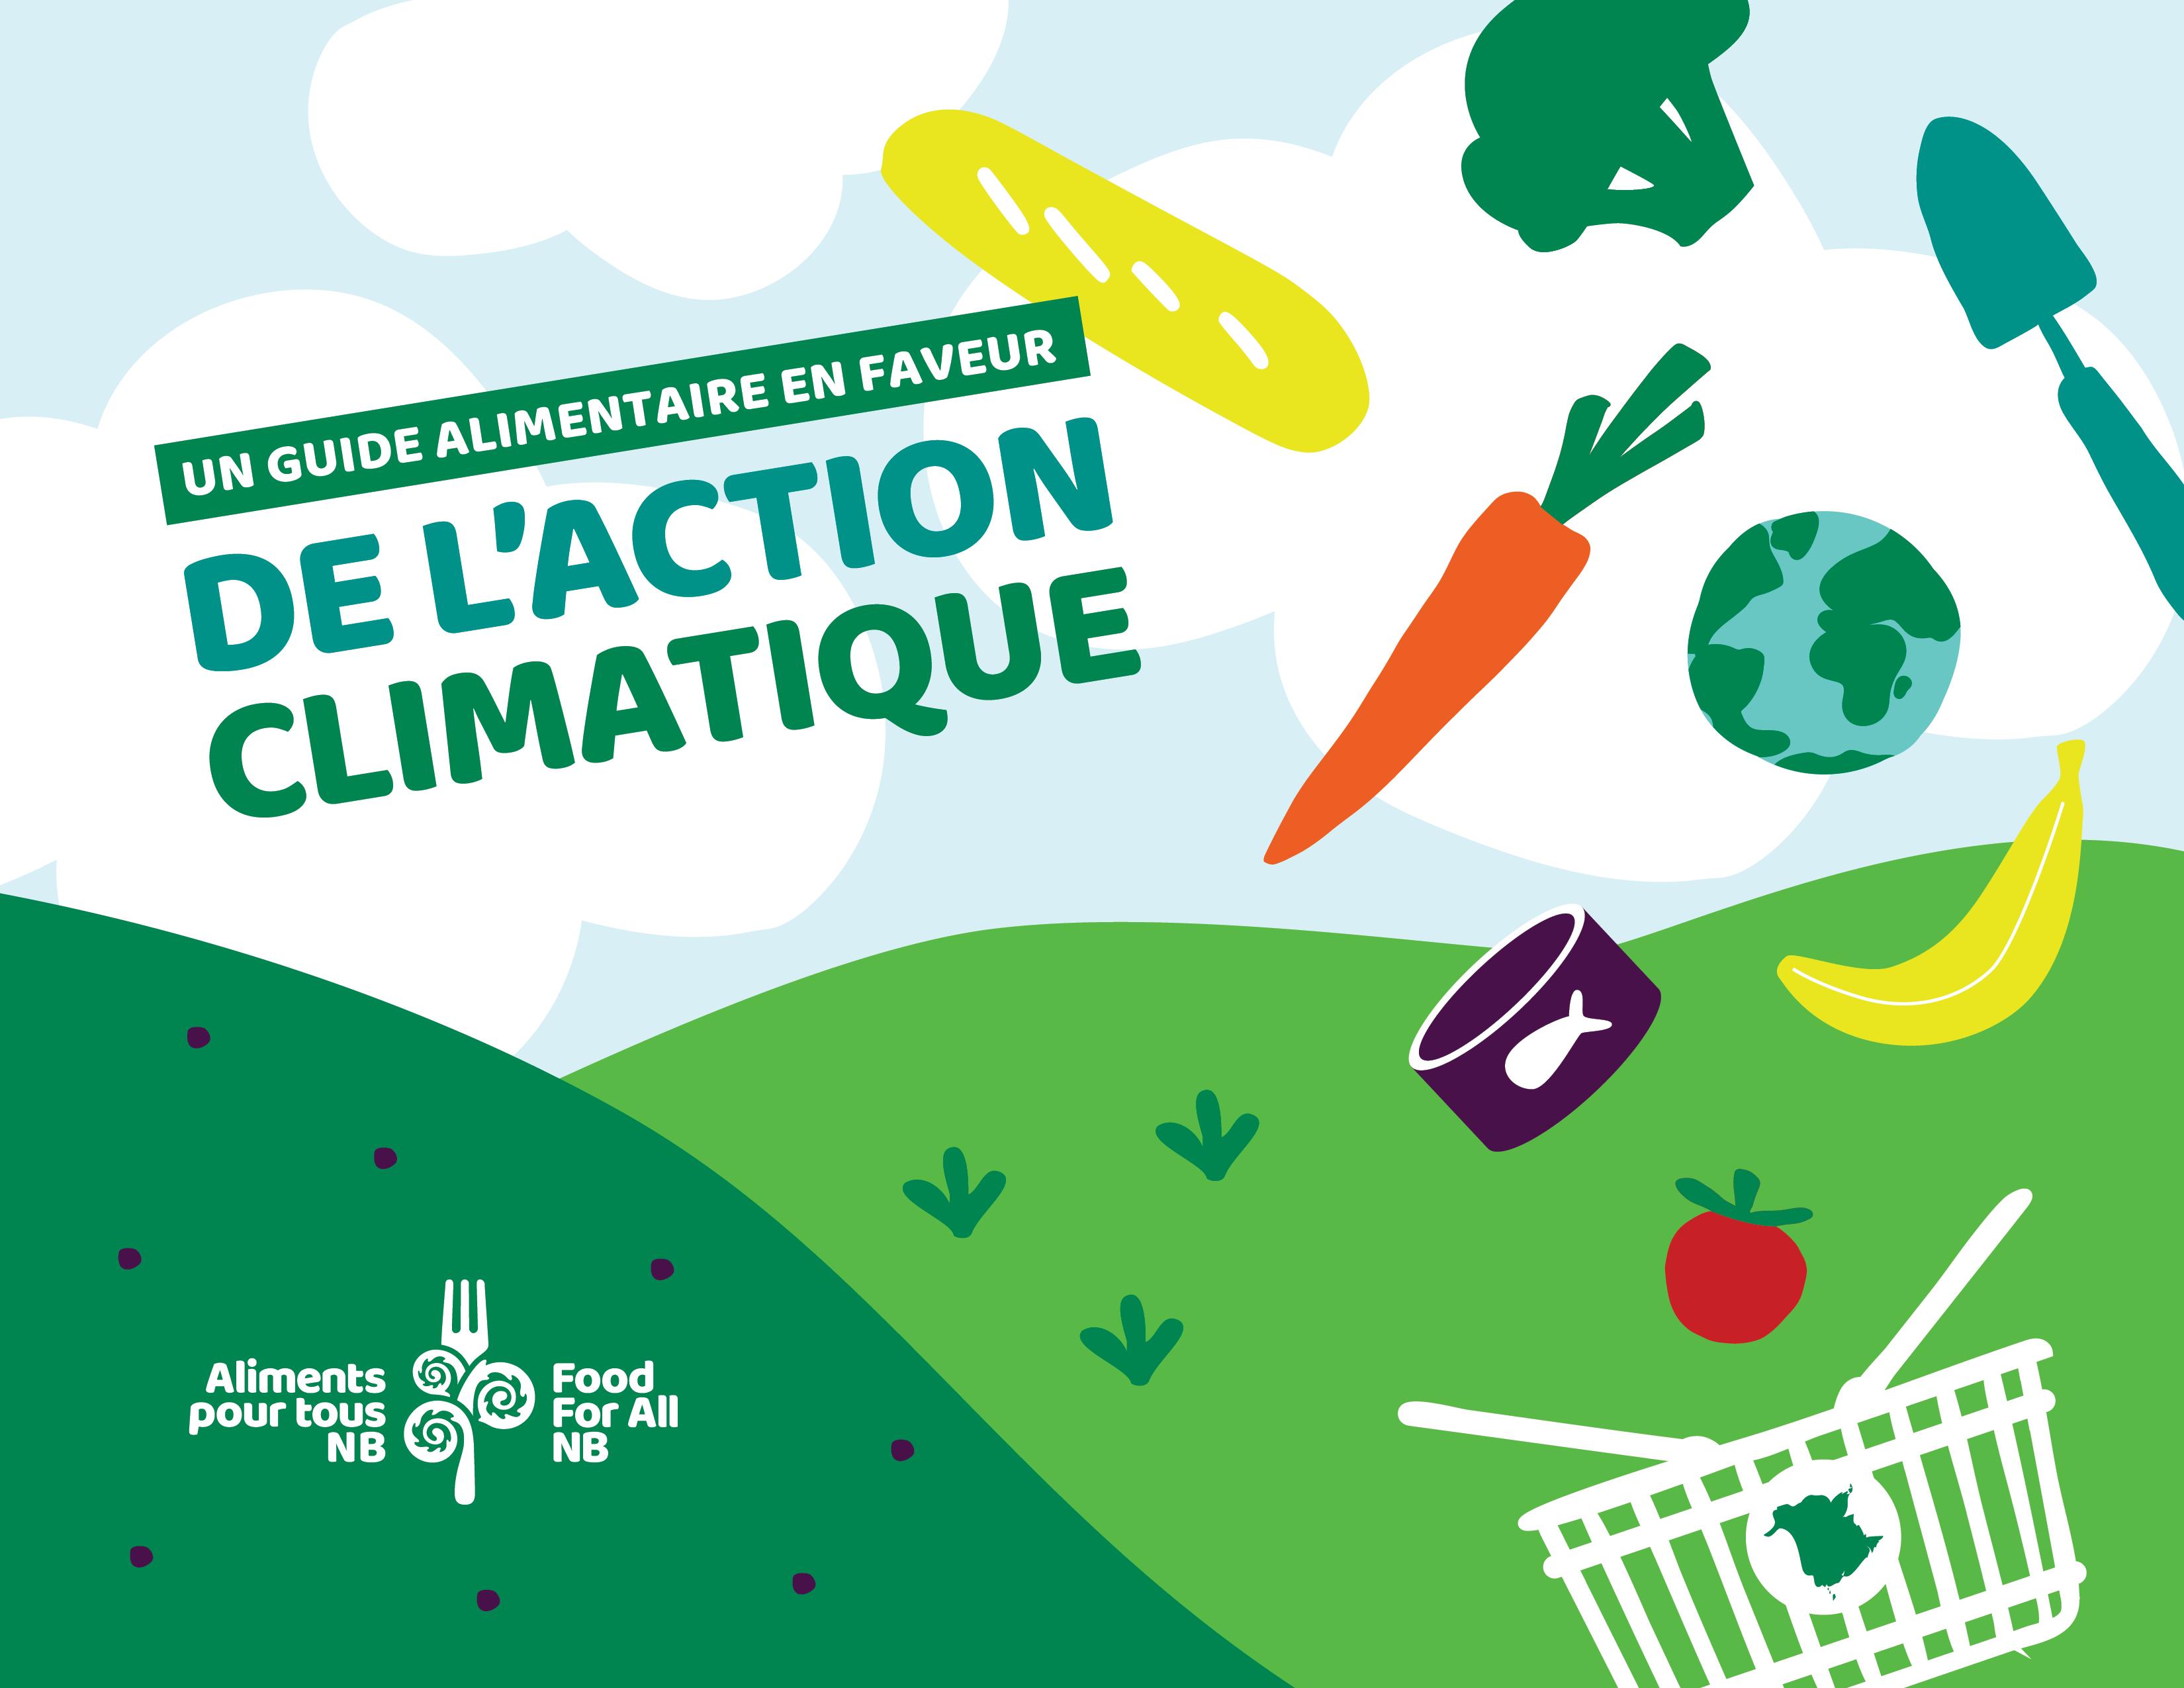 Un Guide alimentaire en faveur de l'action climatique